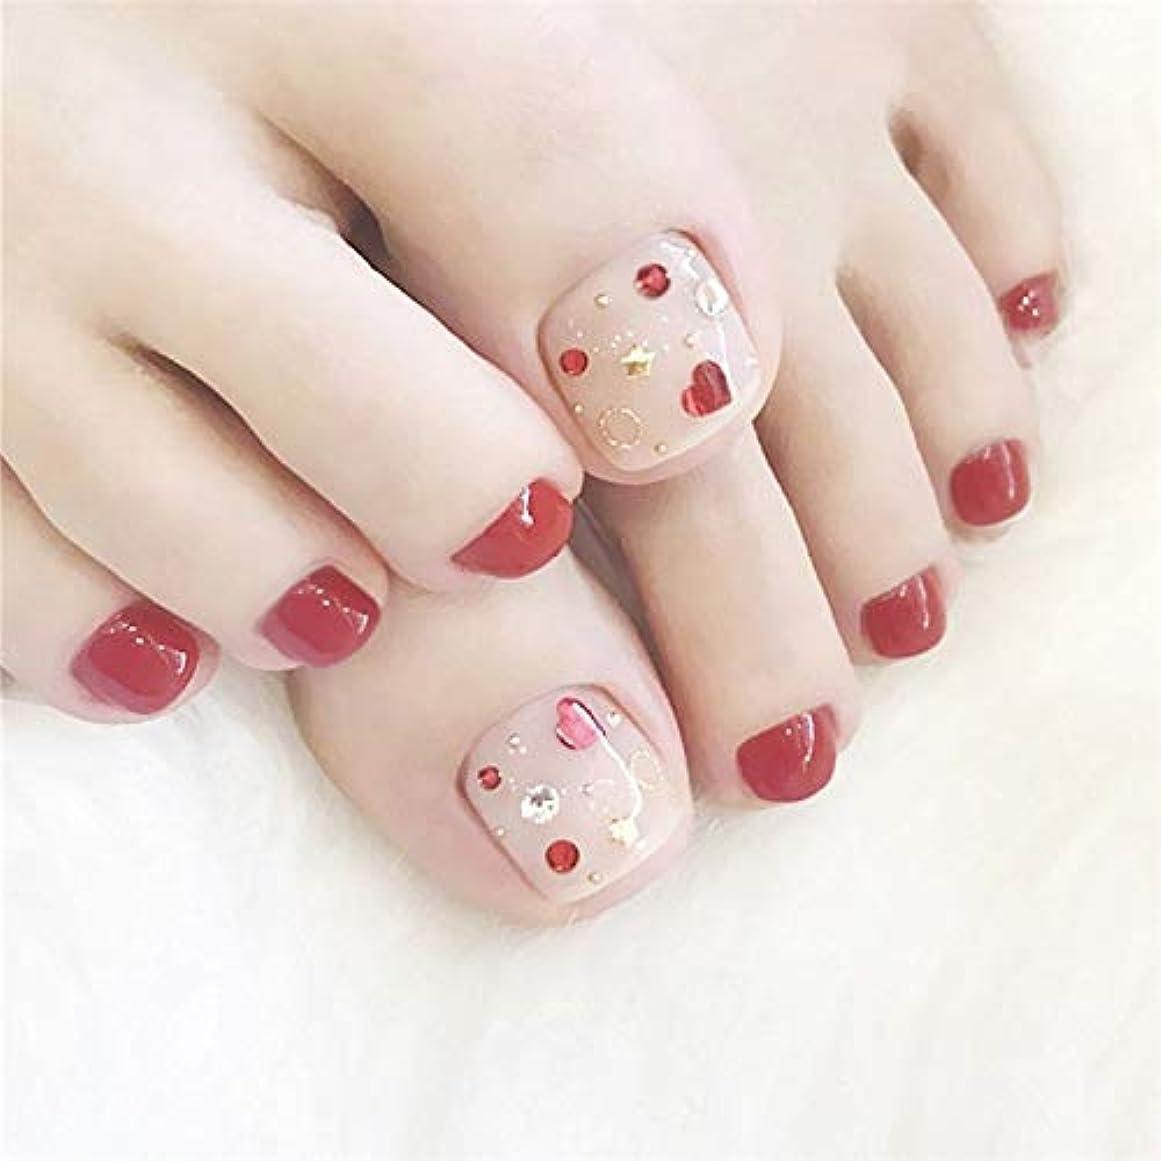 連続した資本言う足用 綺麗なネイルチップ ネイル花嫁 足の爪のネイルチップ レッドフラッシュドリル 手作りネイルチップ 紅白の星 24pcs